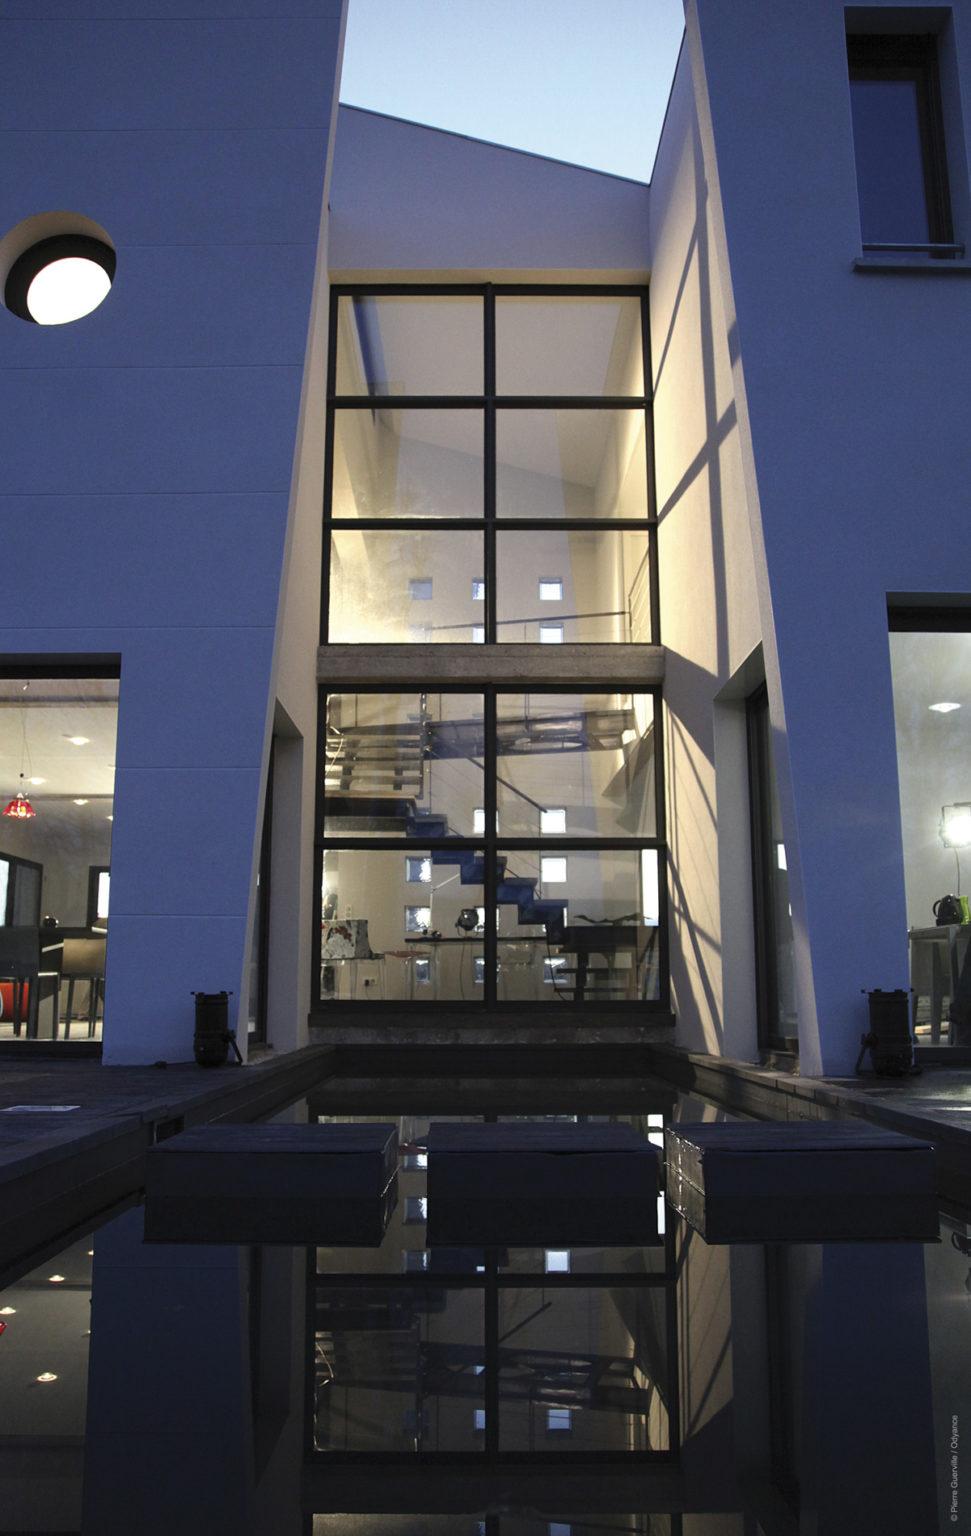 Villa-contemporaine-bateau-ivre-lisle-sur-la-sorgue-8183